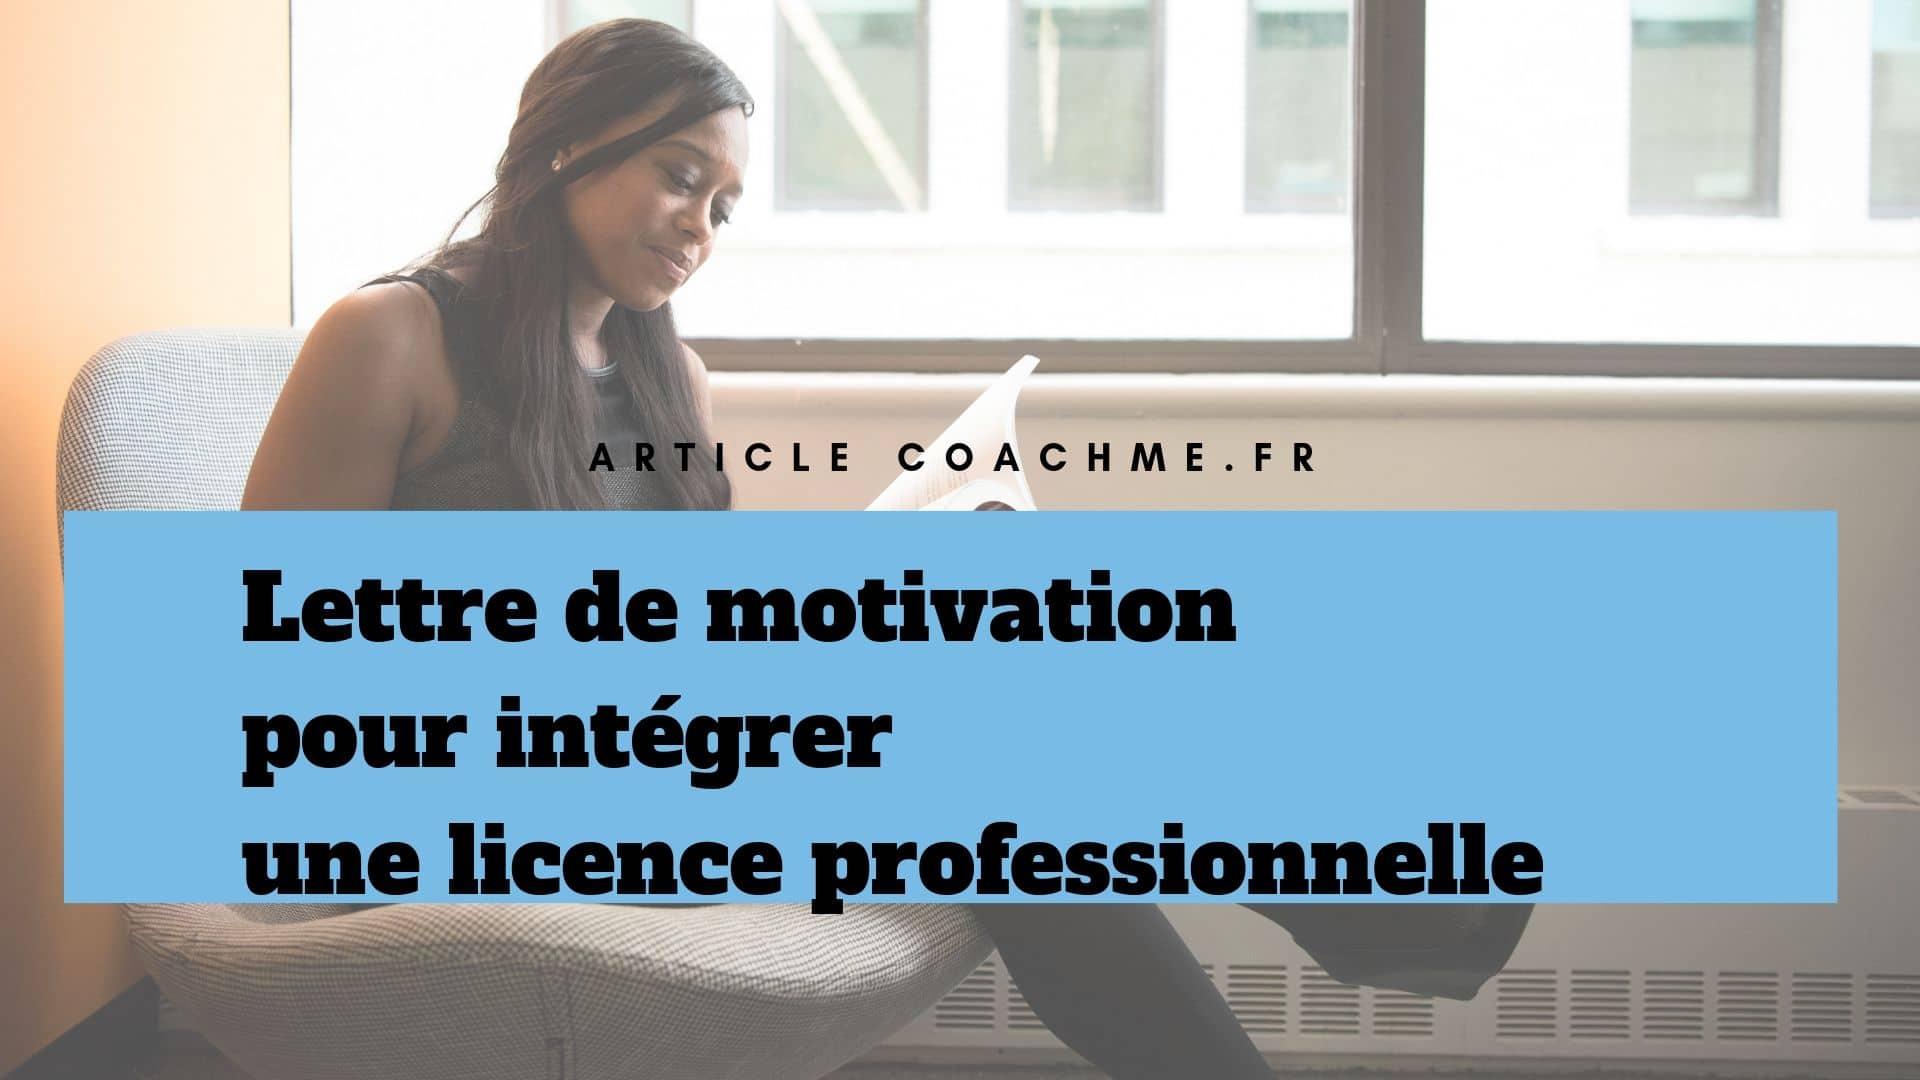 Lettre De Motivation Pour Intégrer Une Licence Professionnelle